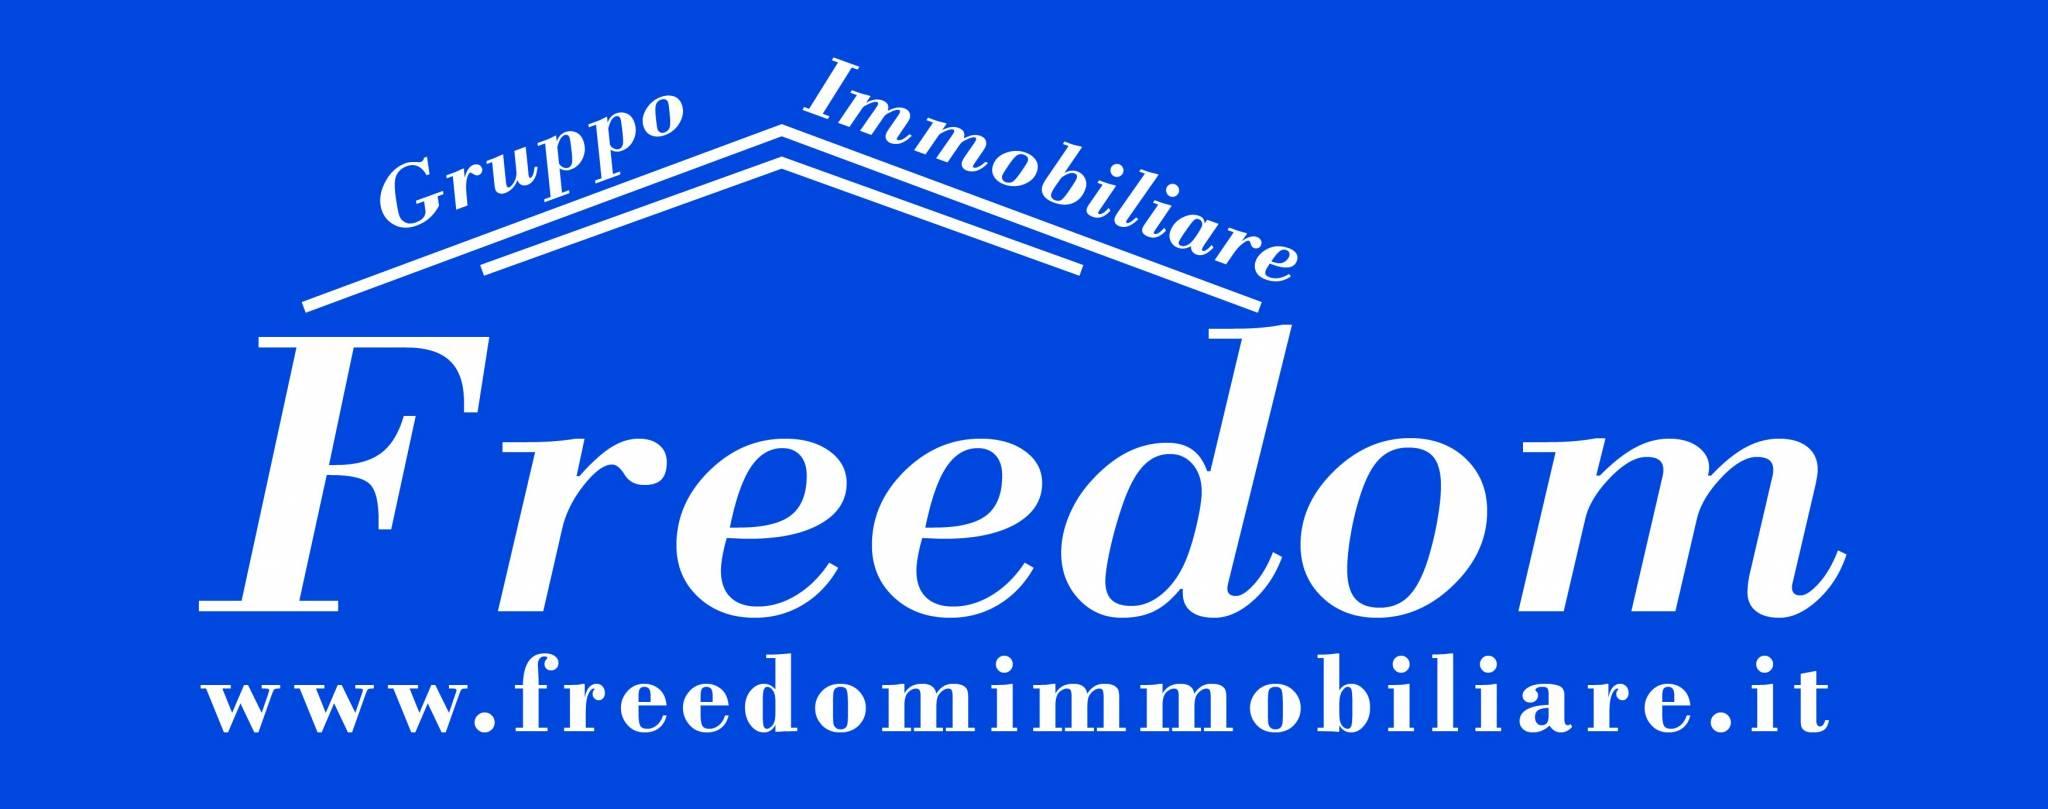 Freedom Province - Giuffrida Immobiliare